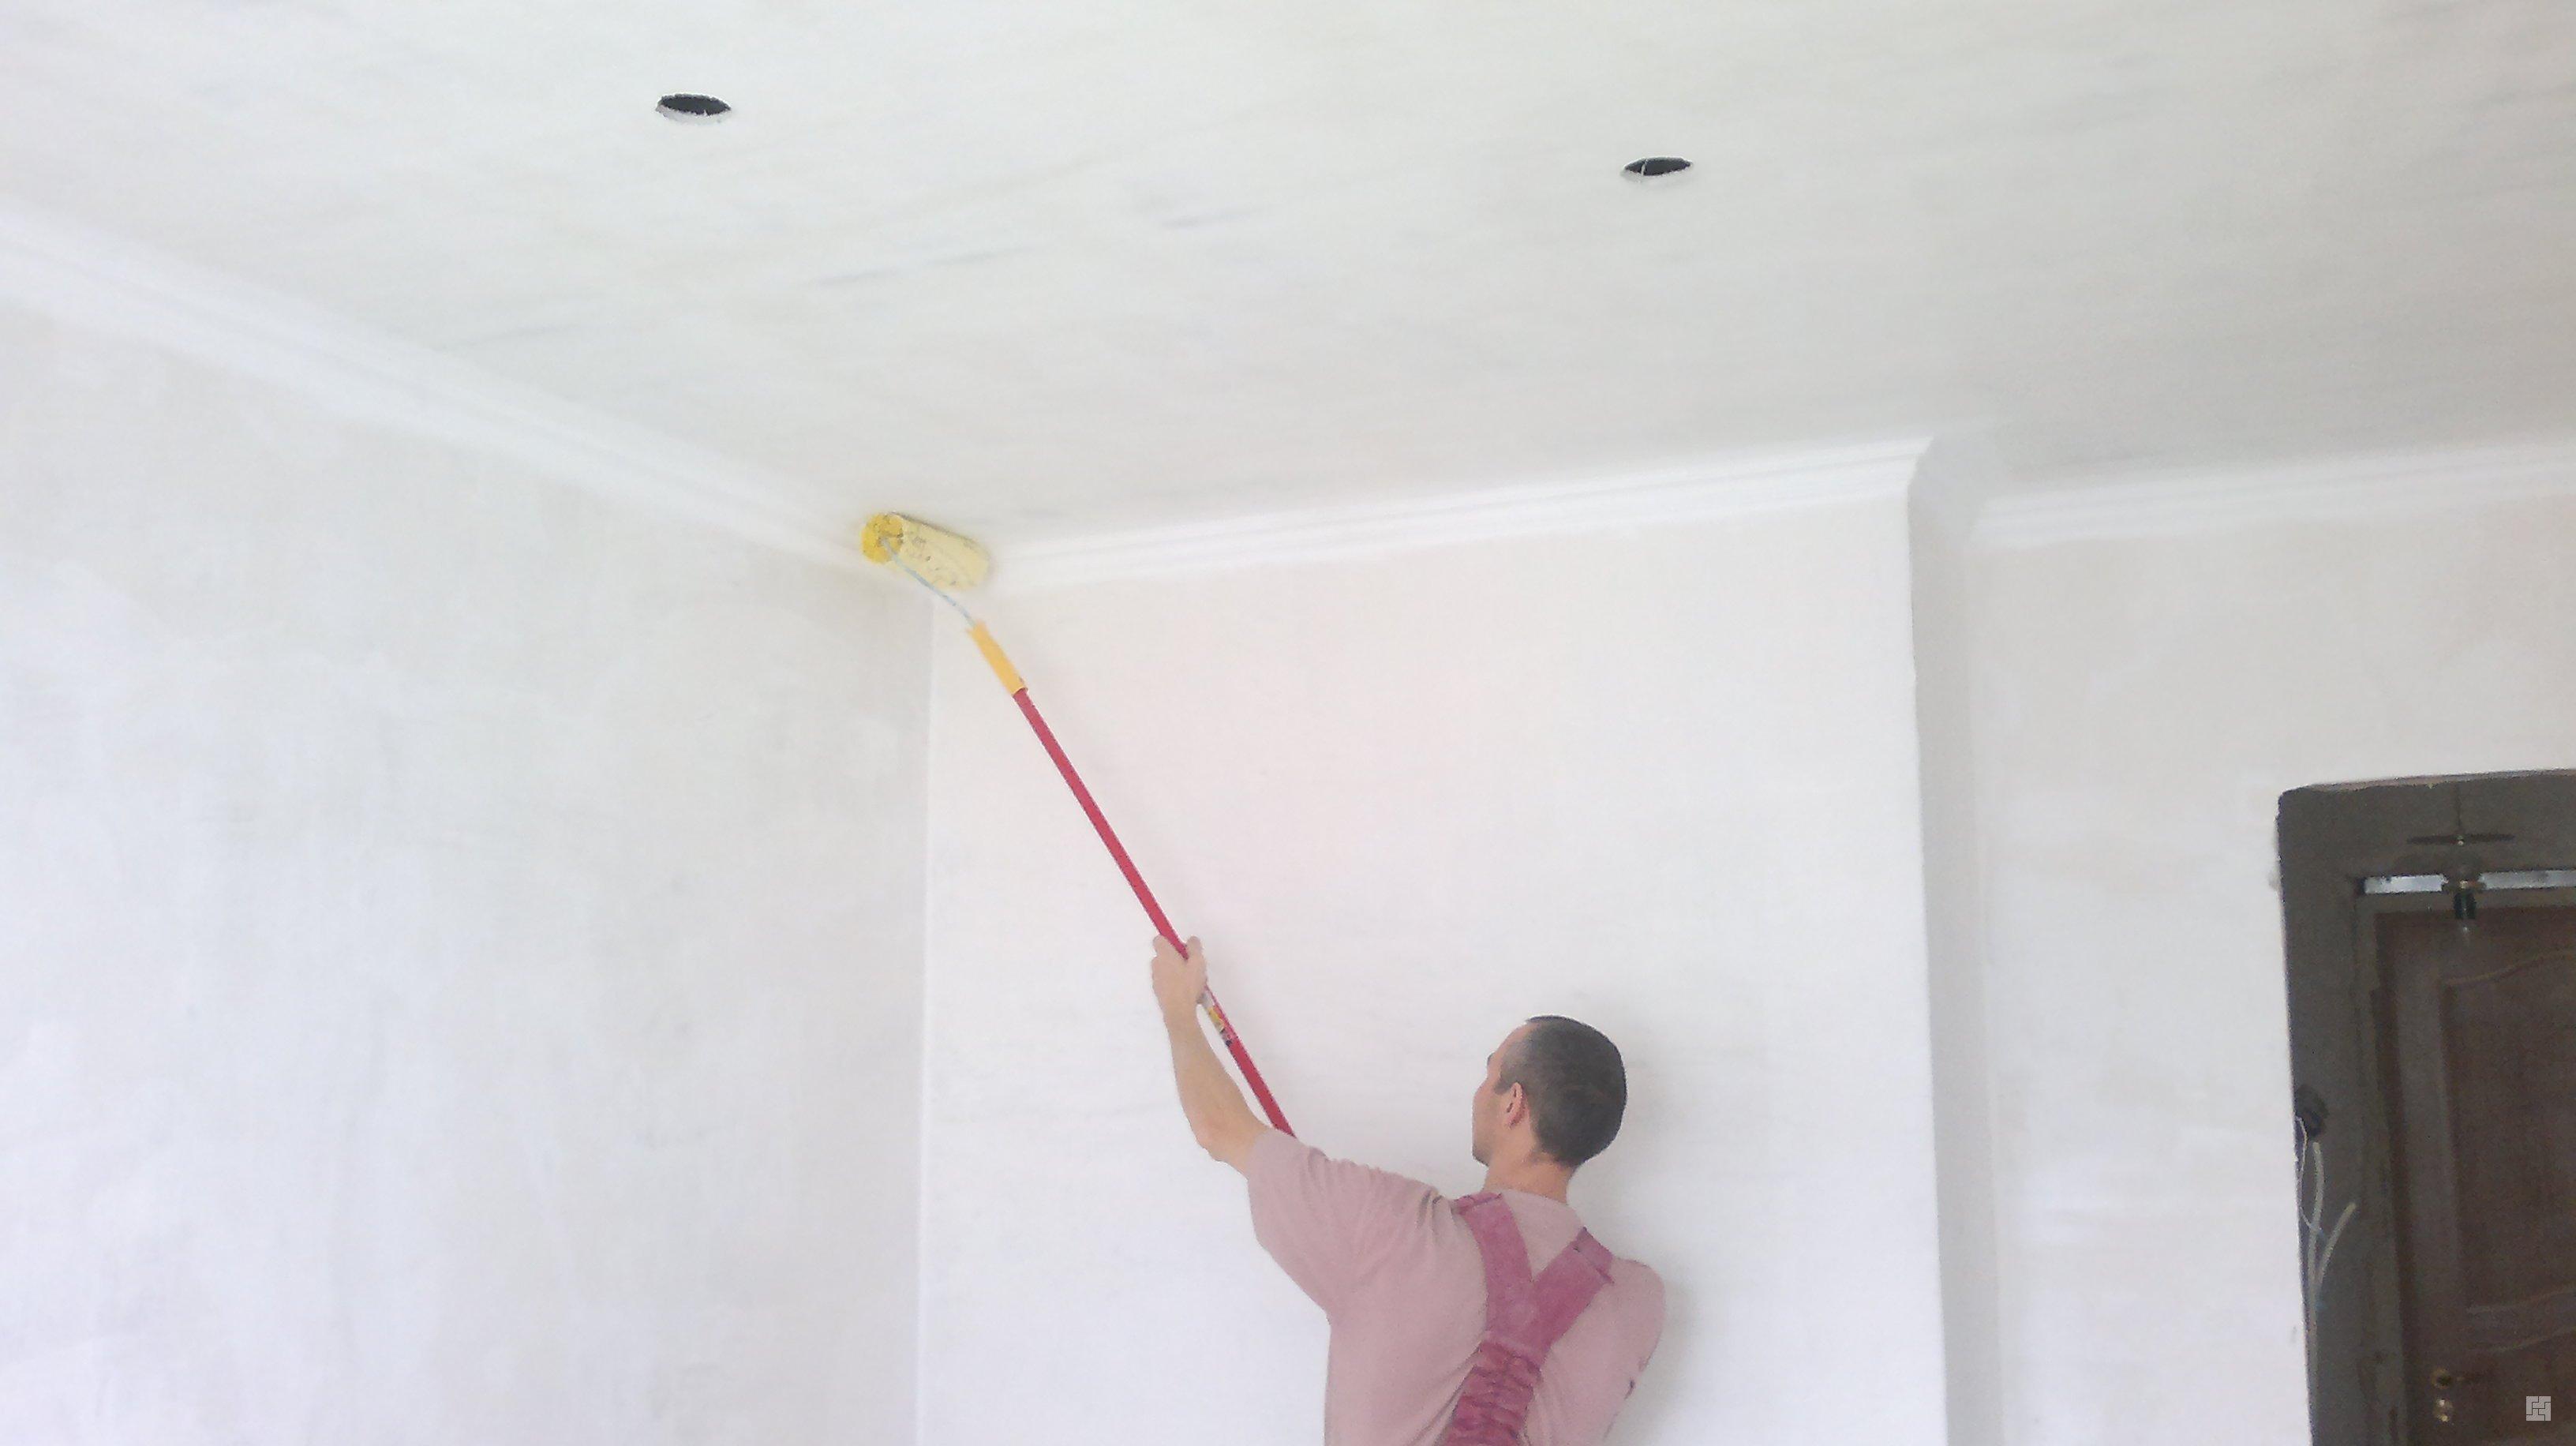 Побелка потолка водоэмульсионной краской своими руками – инструкция и пошаговое руководство